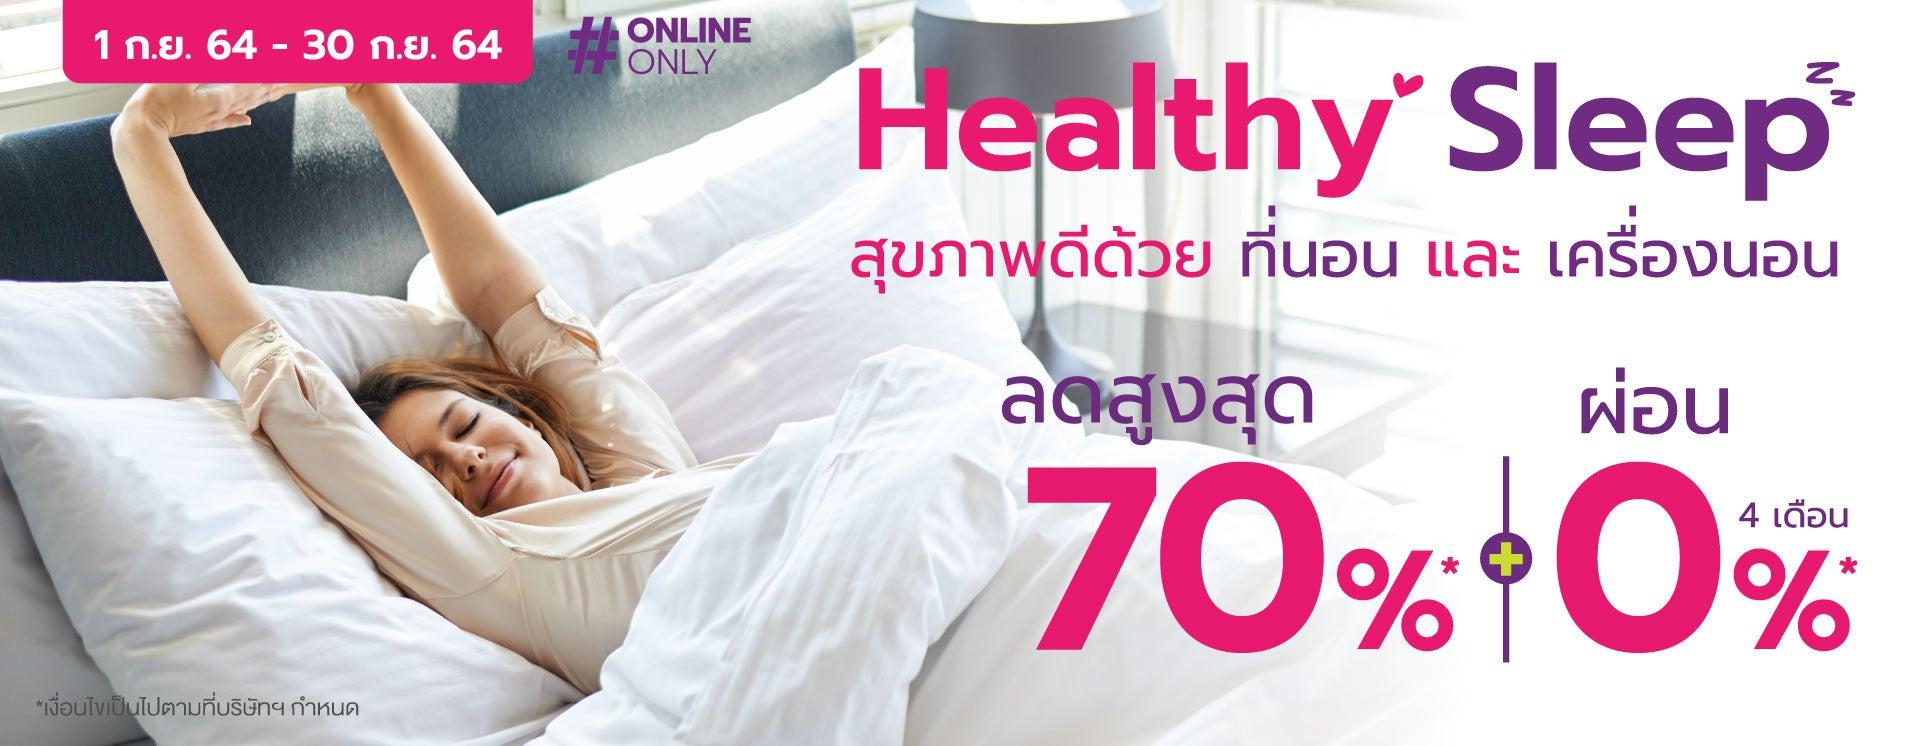 healthysleep